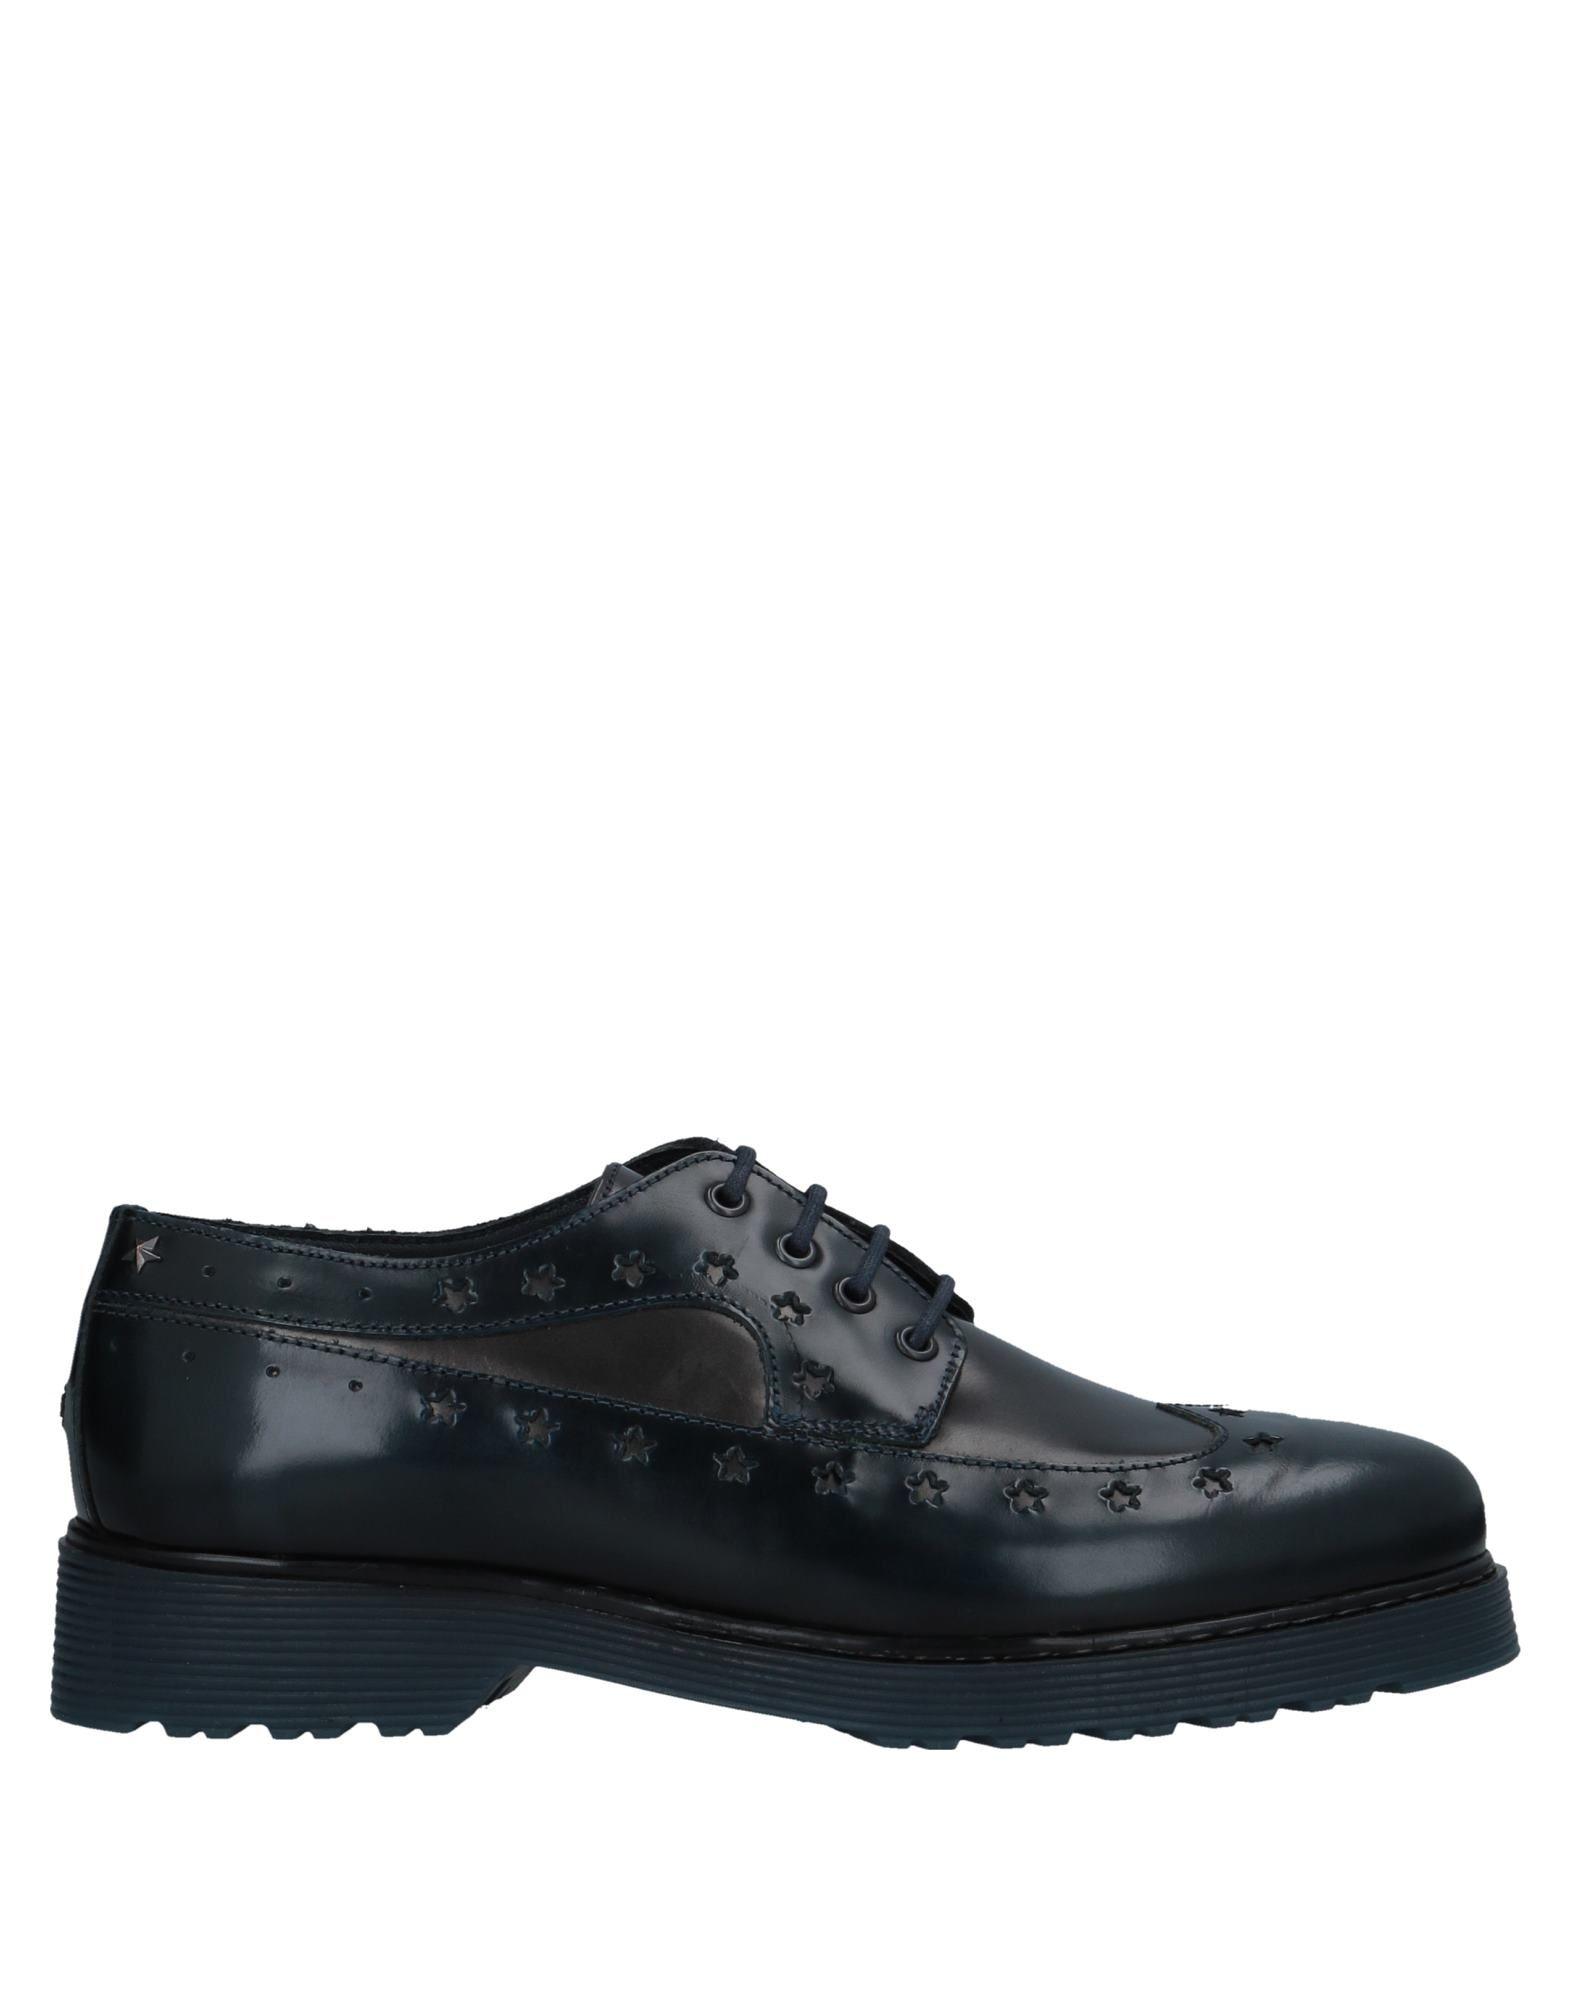 Tommy Hilfiger Schnürschuhe Damen  11522573BX Gute Qualität beliebte Schuhe